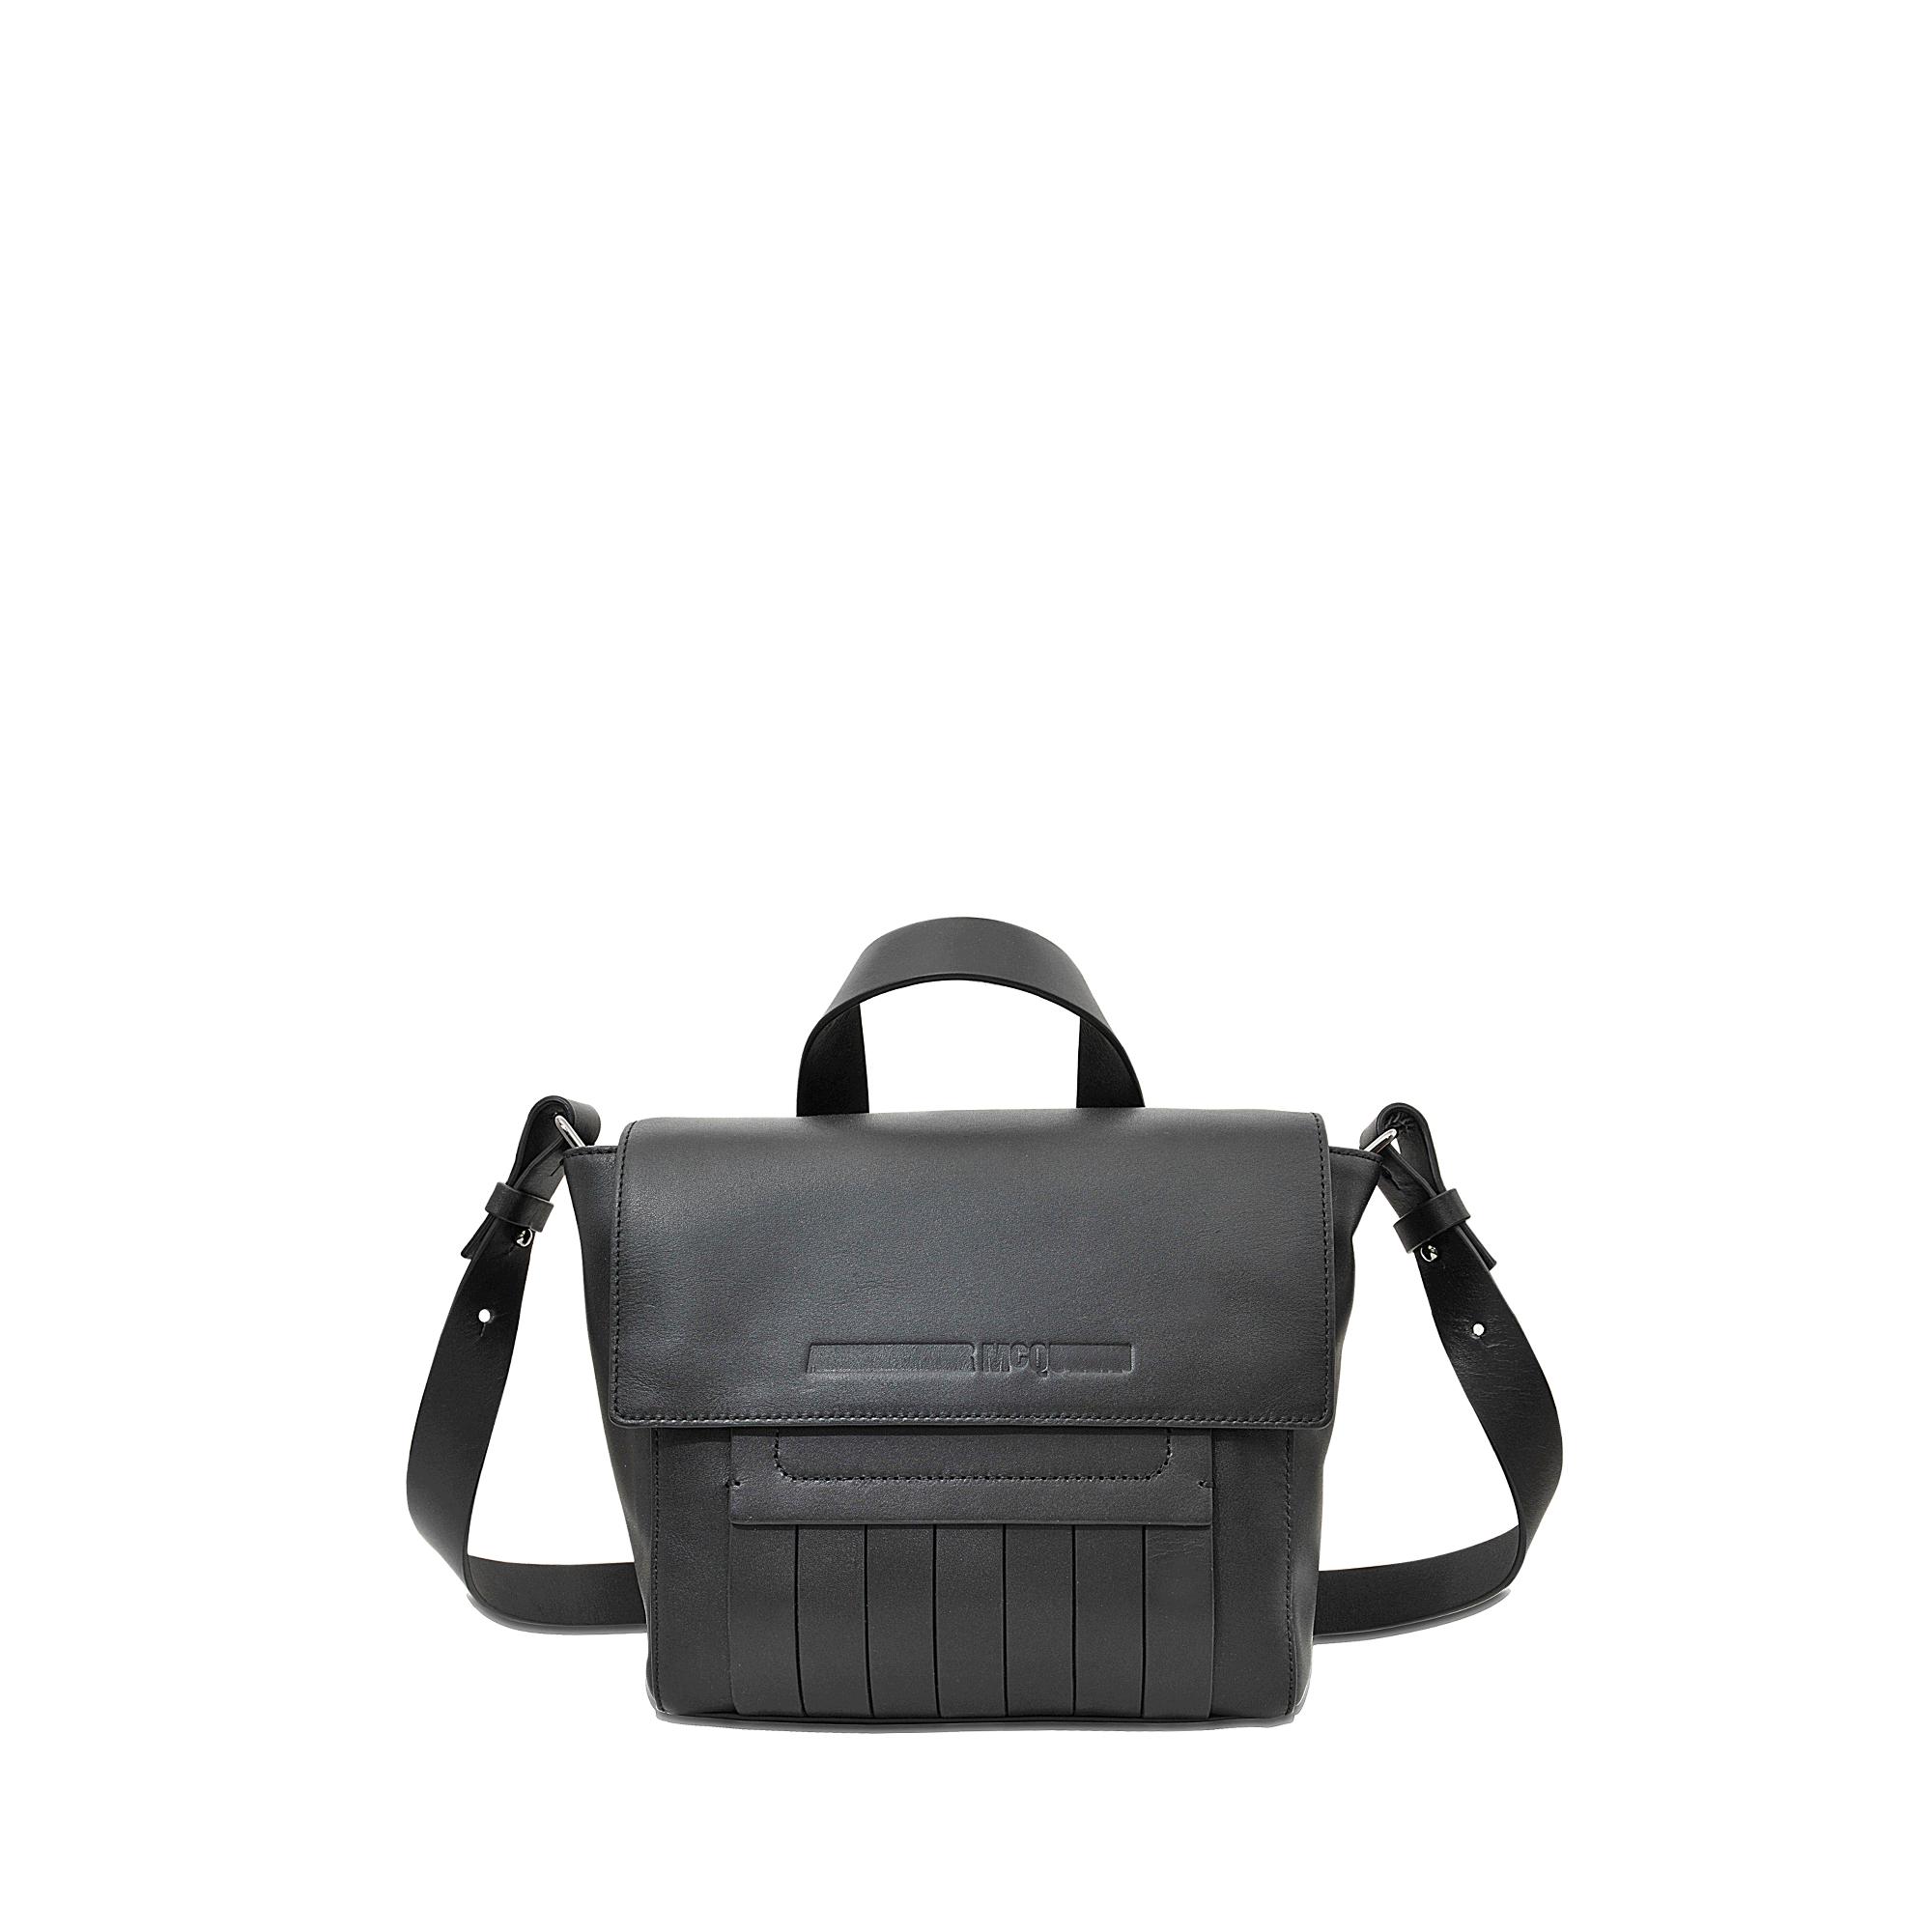 Mcq Mini Satchel Bag in Black | Lyst